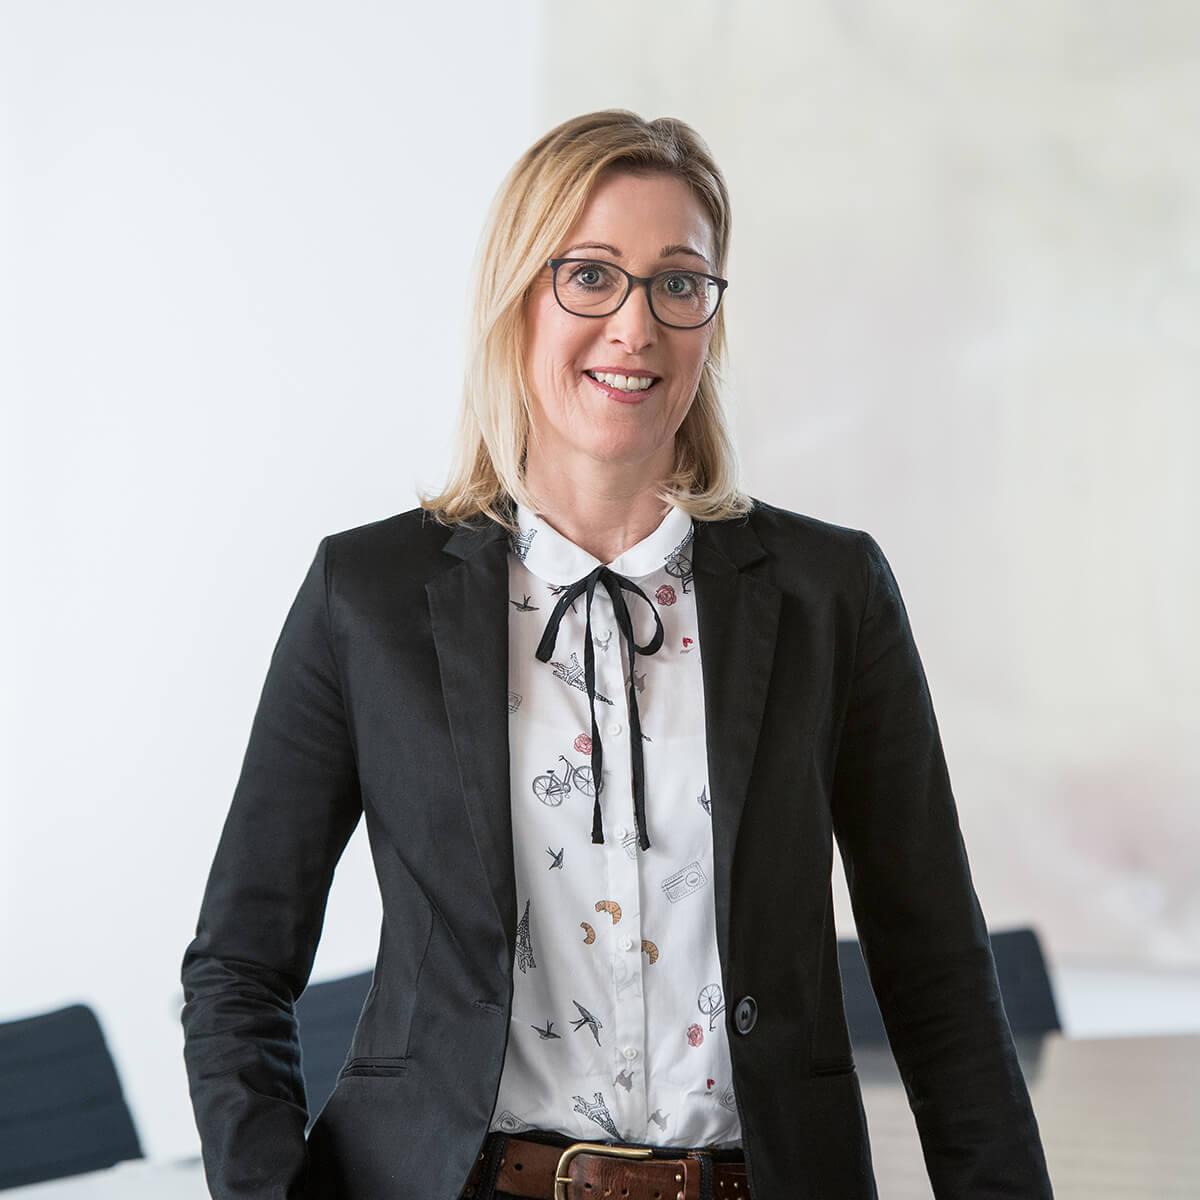 Birgit Götzenich